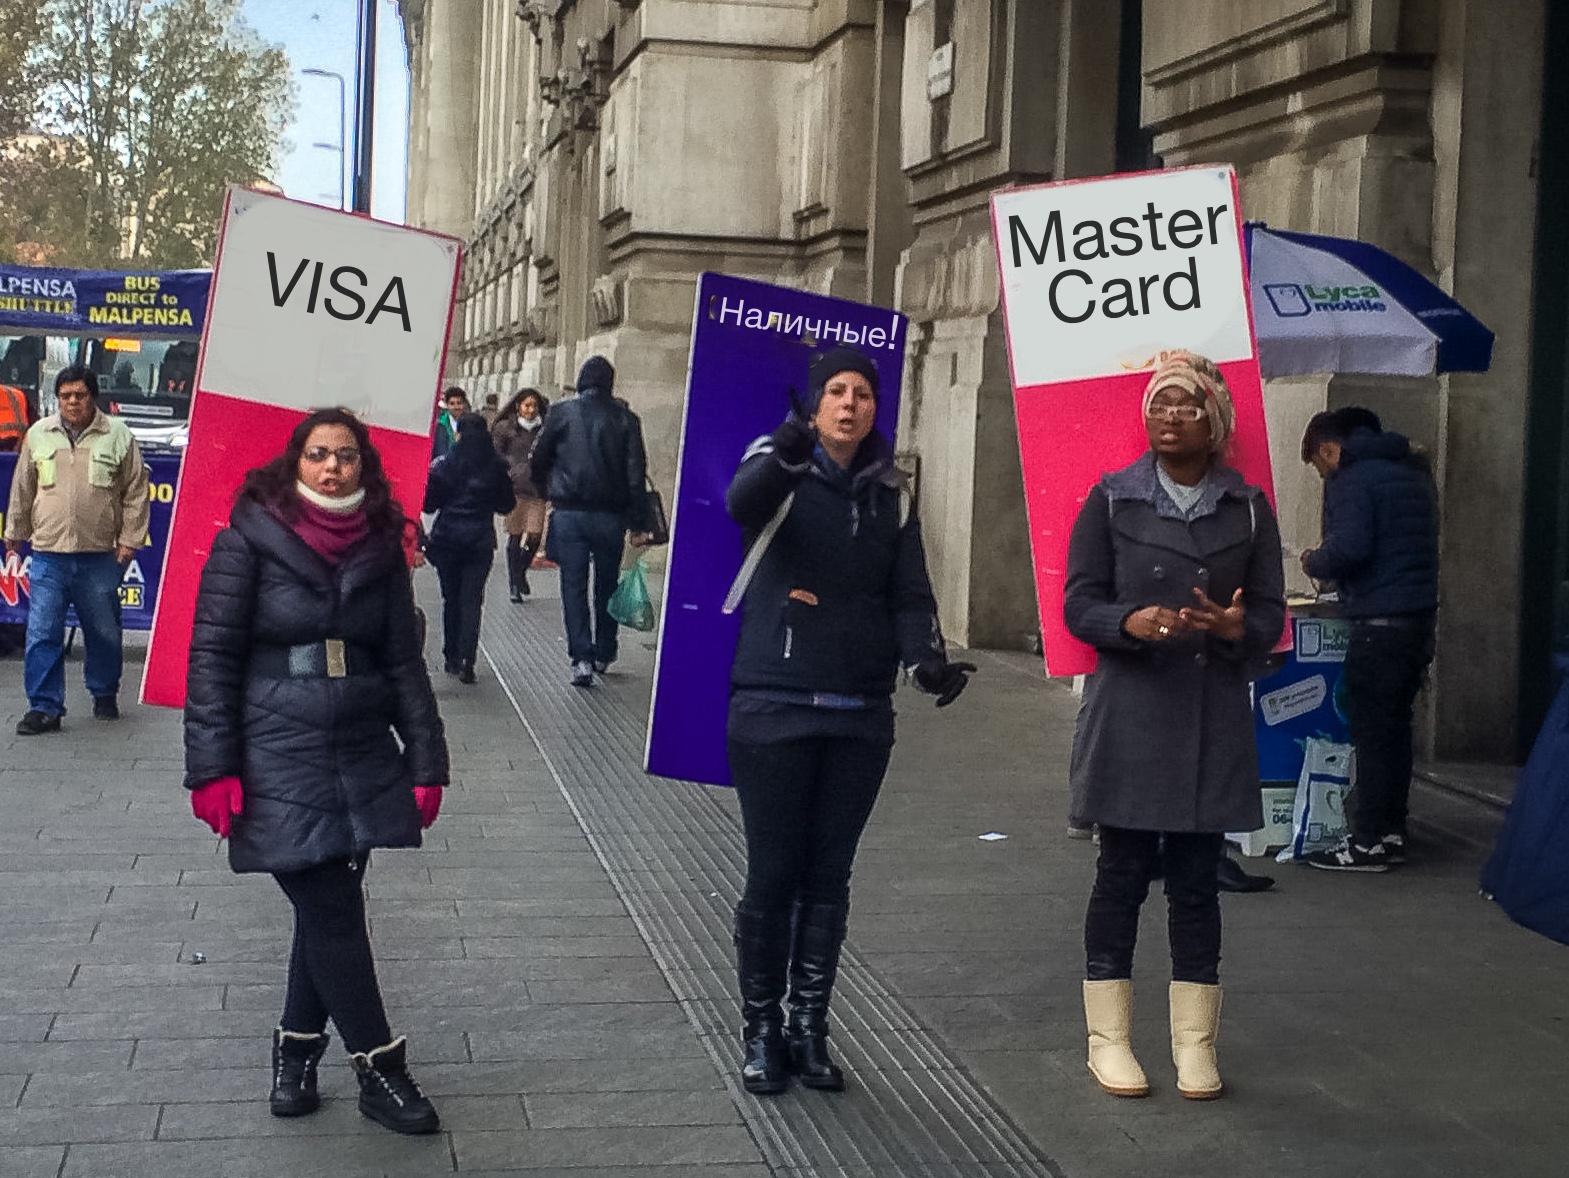 лучше наличные кредитная карта visa